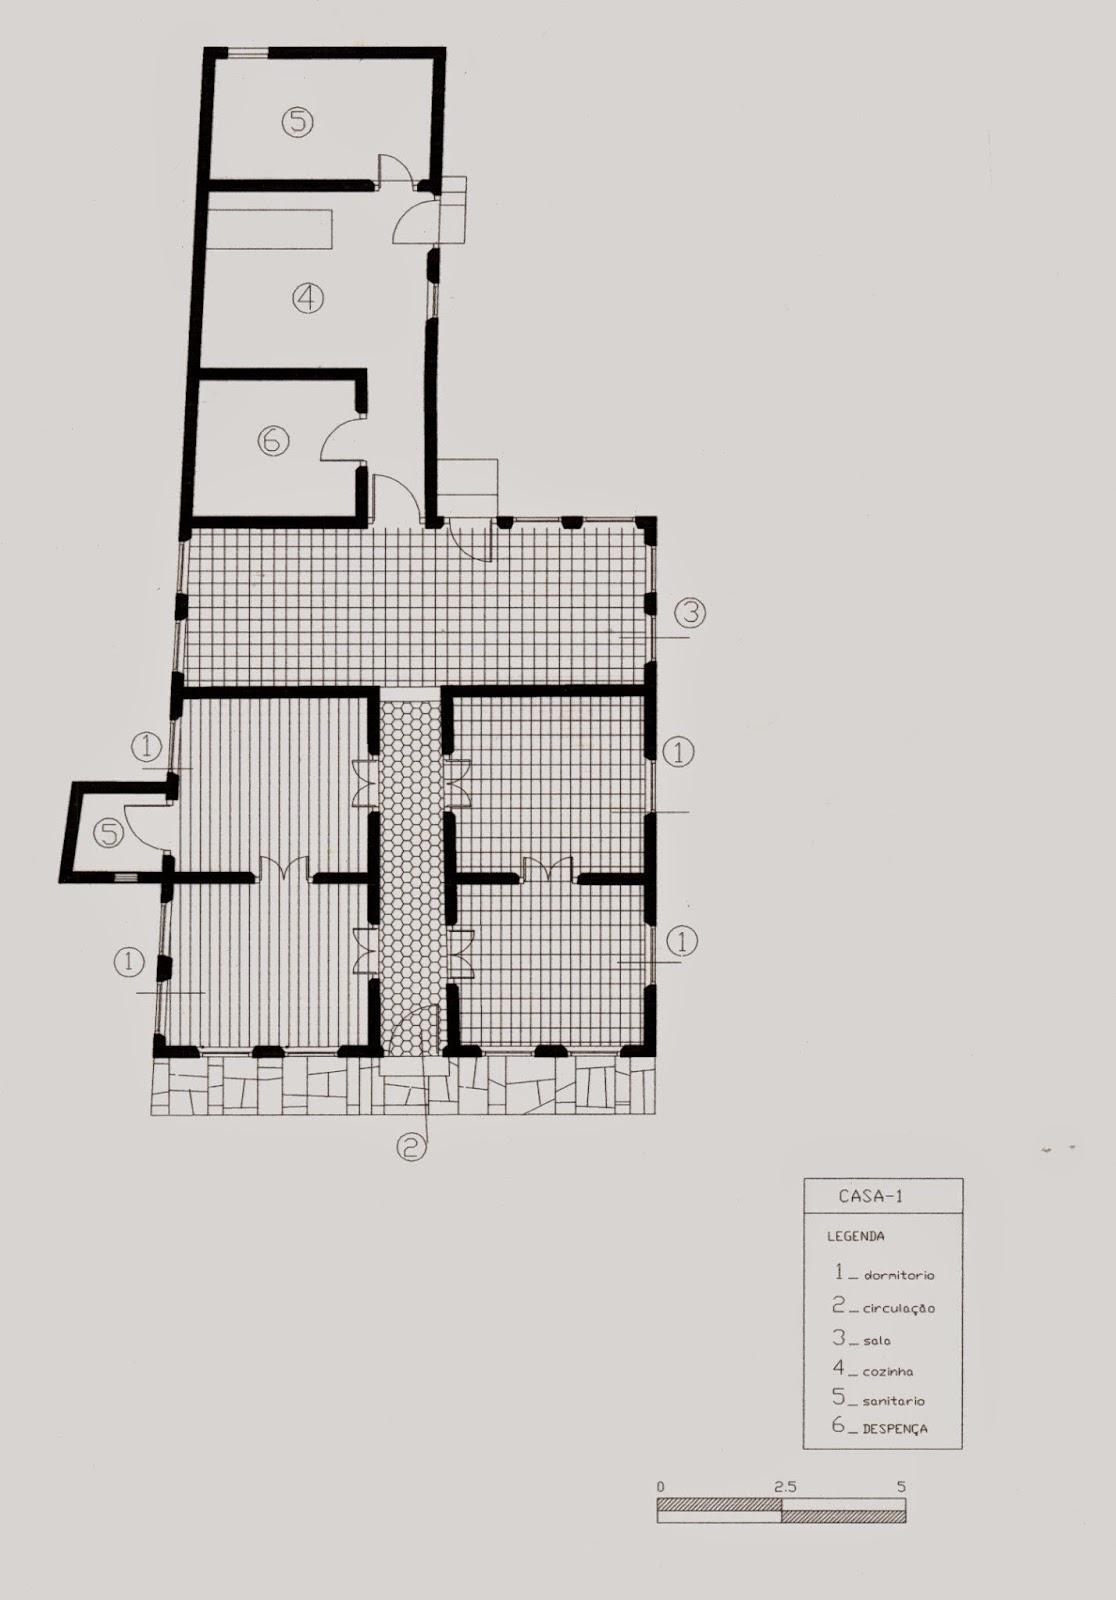 casa abalcoada: arquitetura em Goiás II #6F655C 1116x1600 Banheiro Adaptado Dimensões